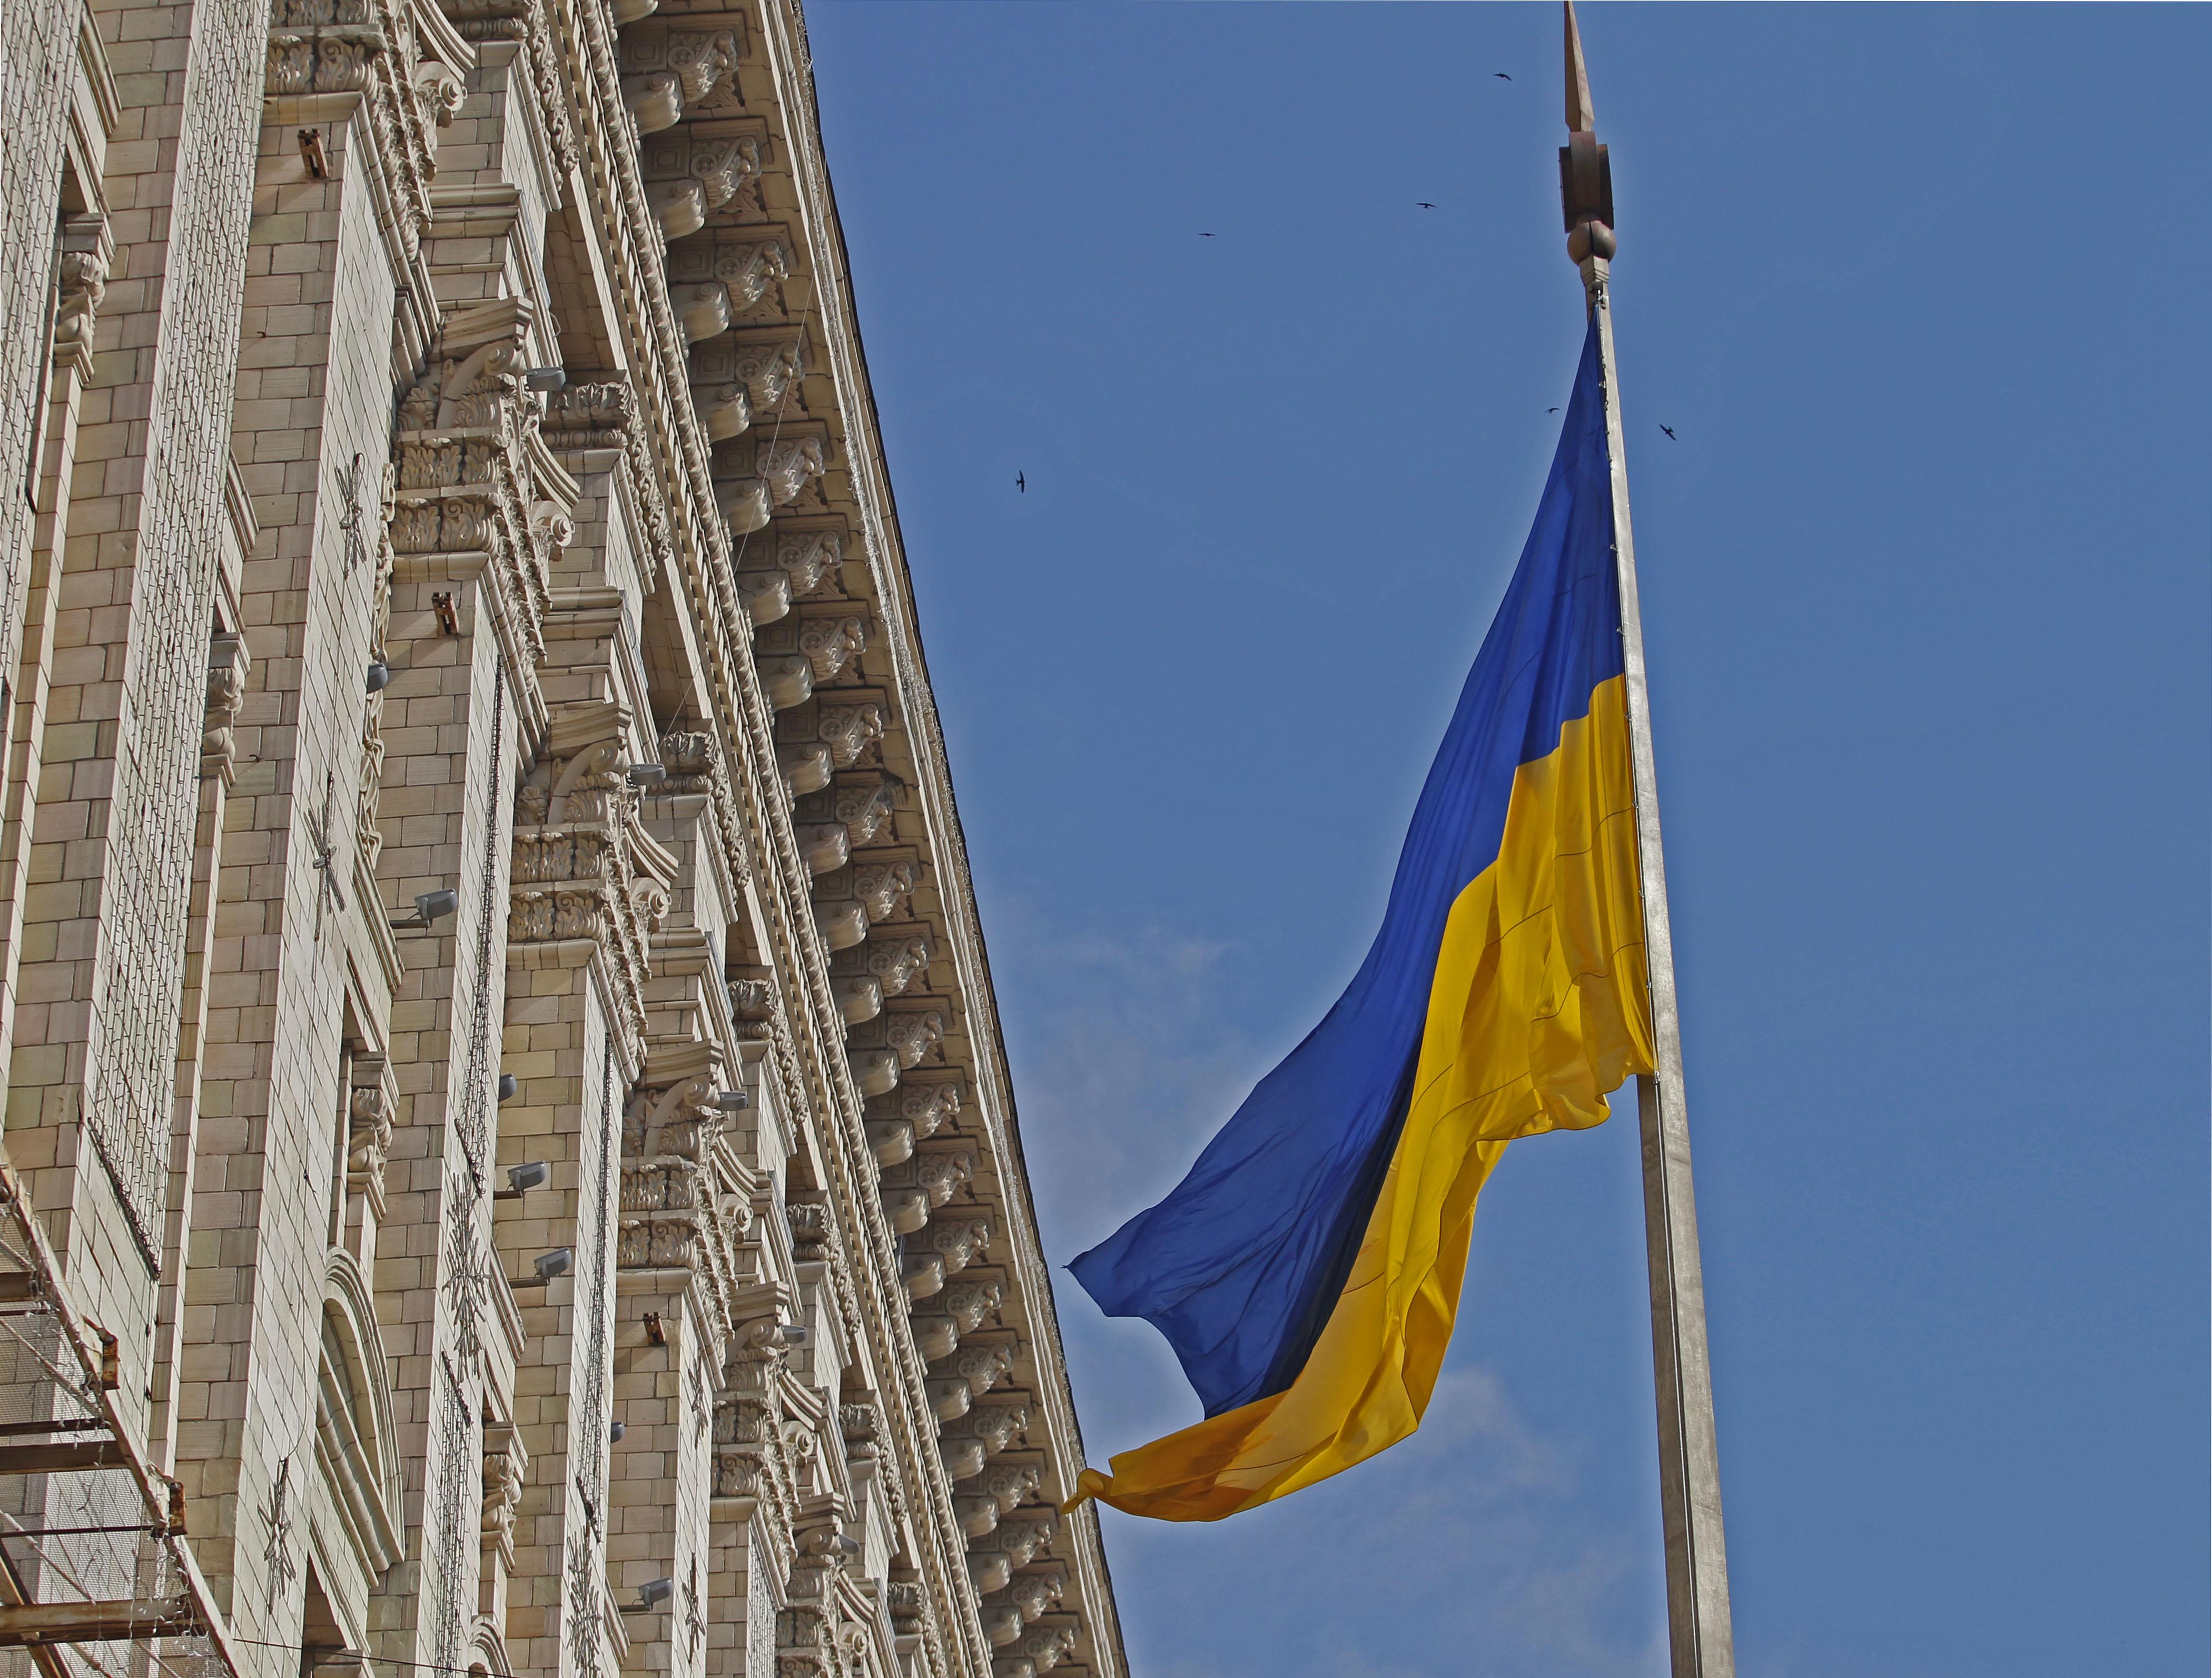 Прапор України біля будівлі Київської міської ради